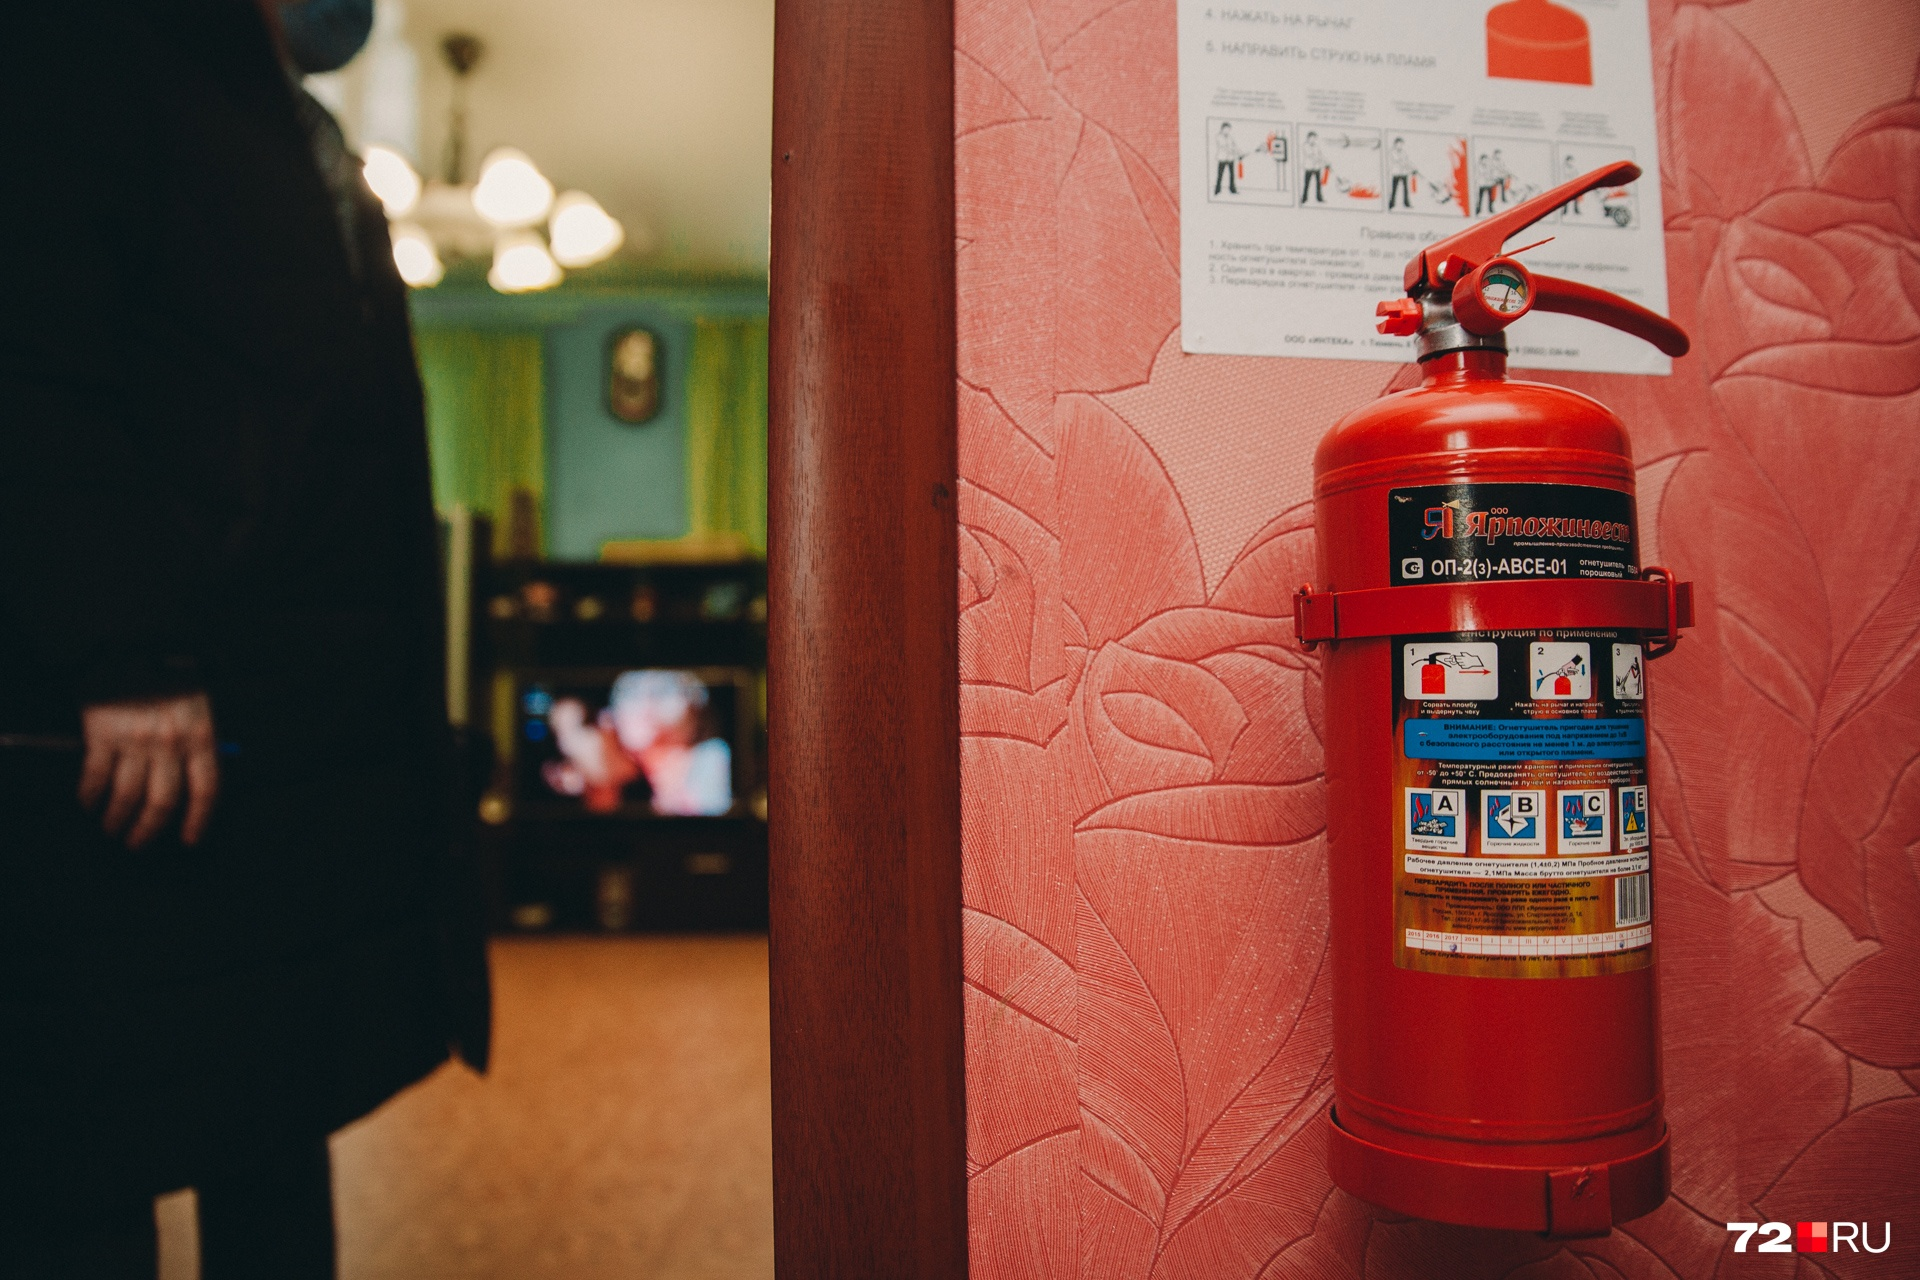 В доме есть огнетушитель. Он обязателен в организациях, где оказывают услуги людям